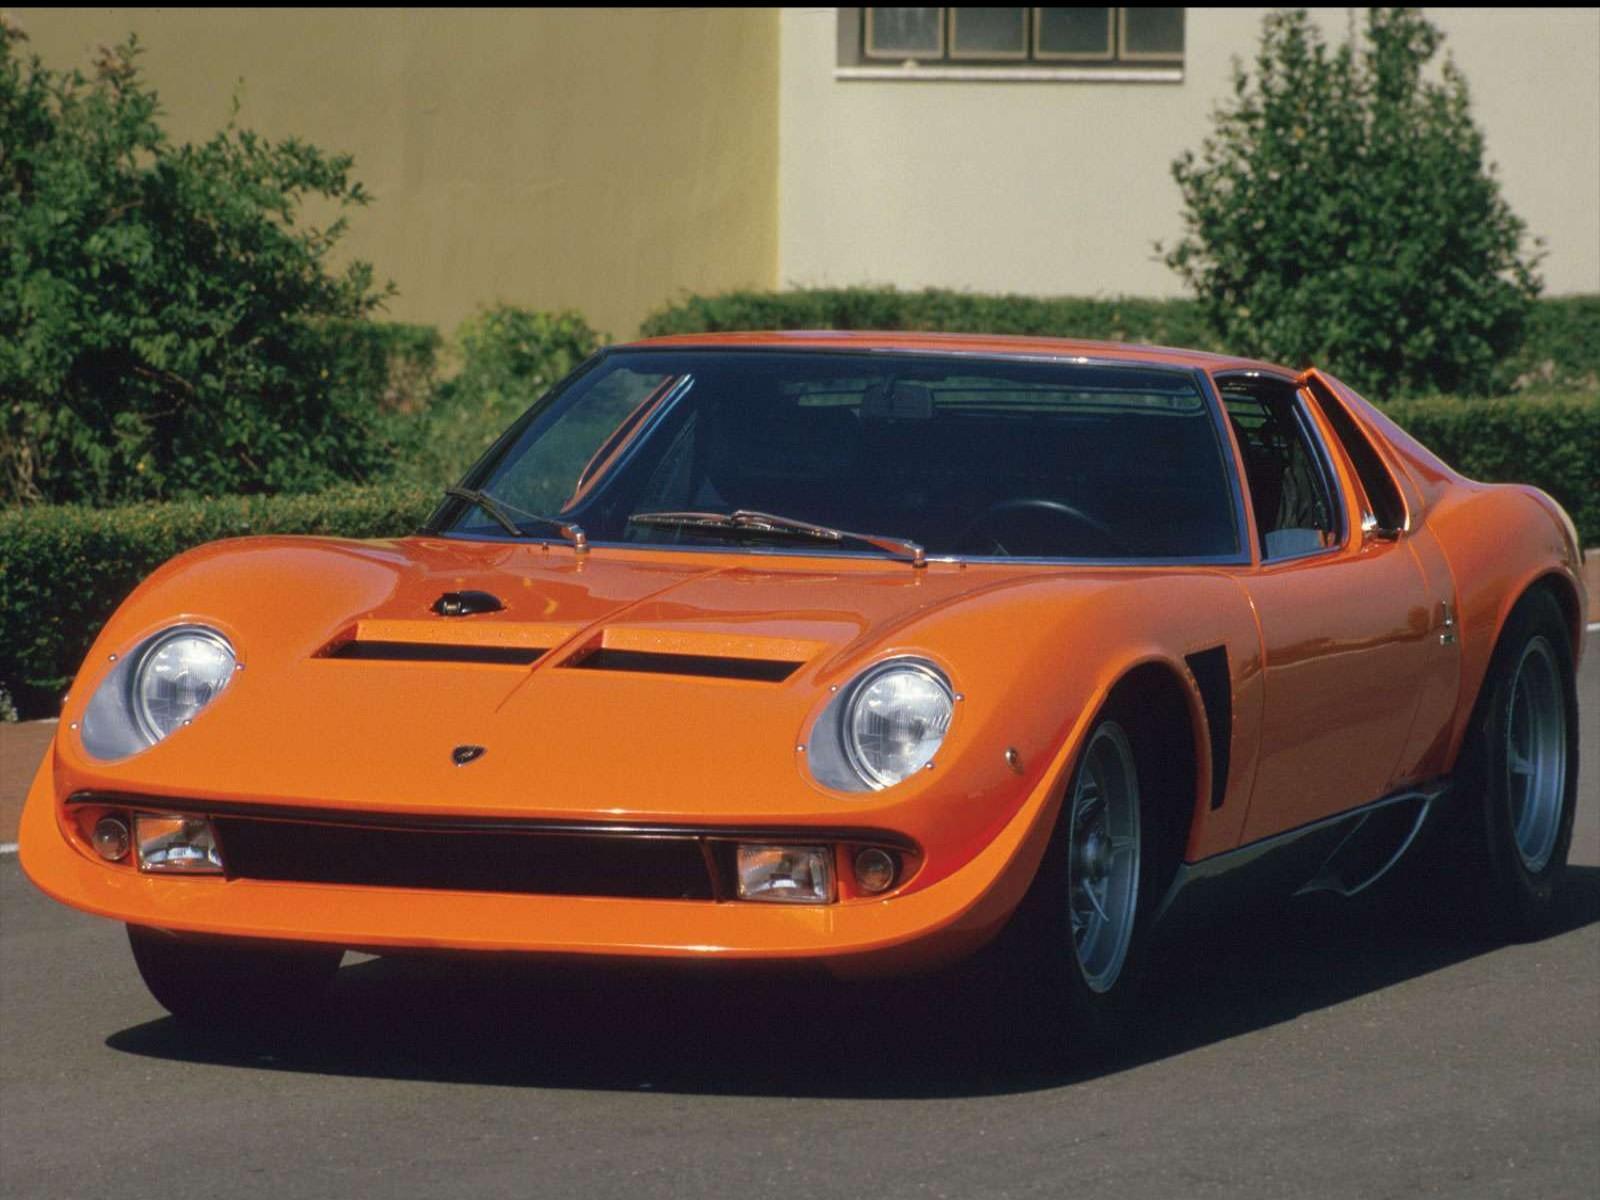 The Petrol Stop Lamborghini Miura Jota